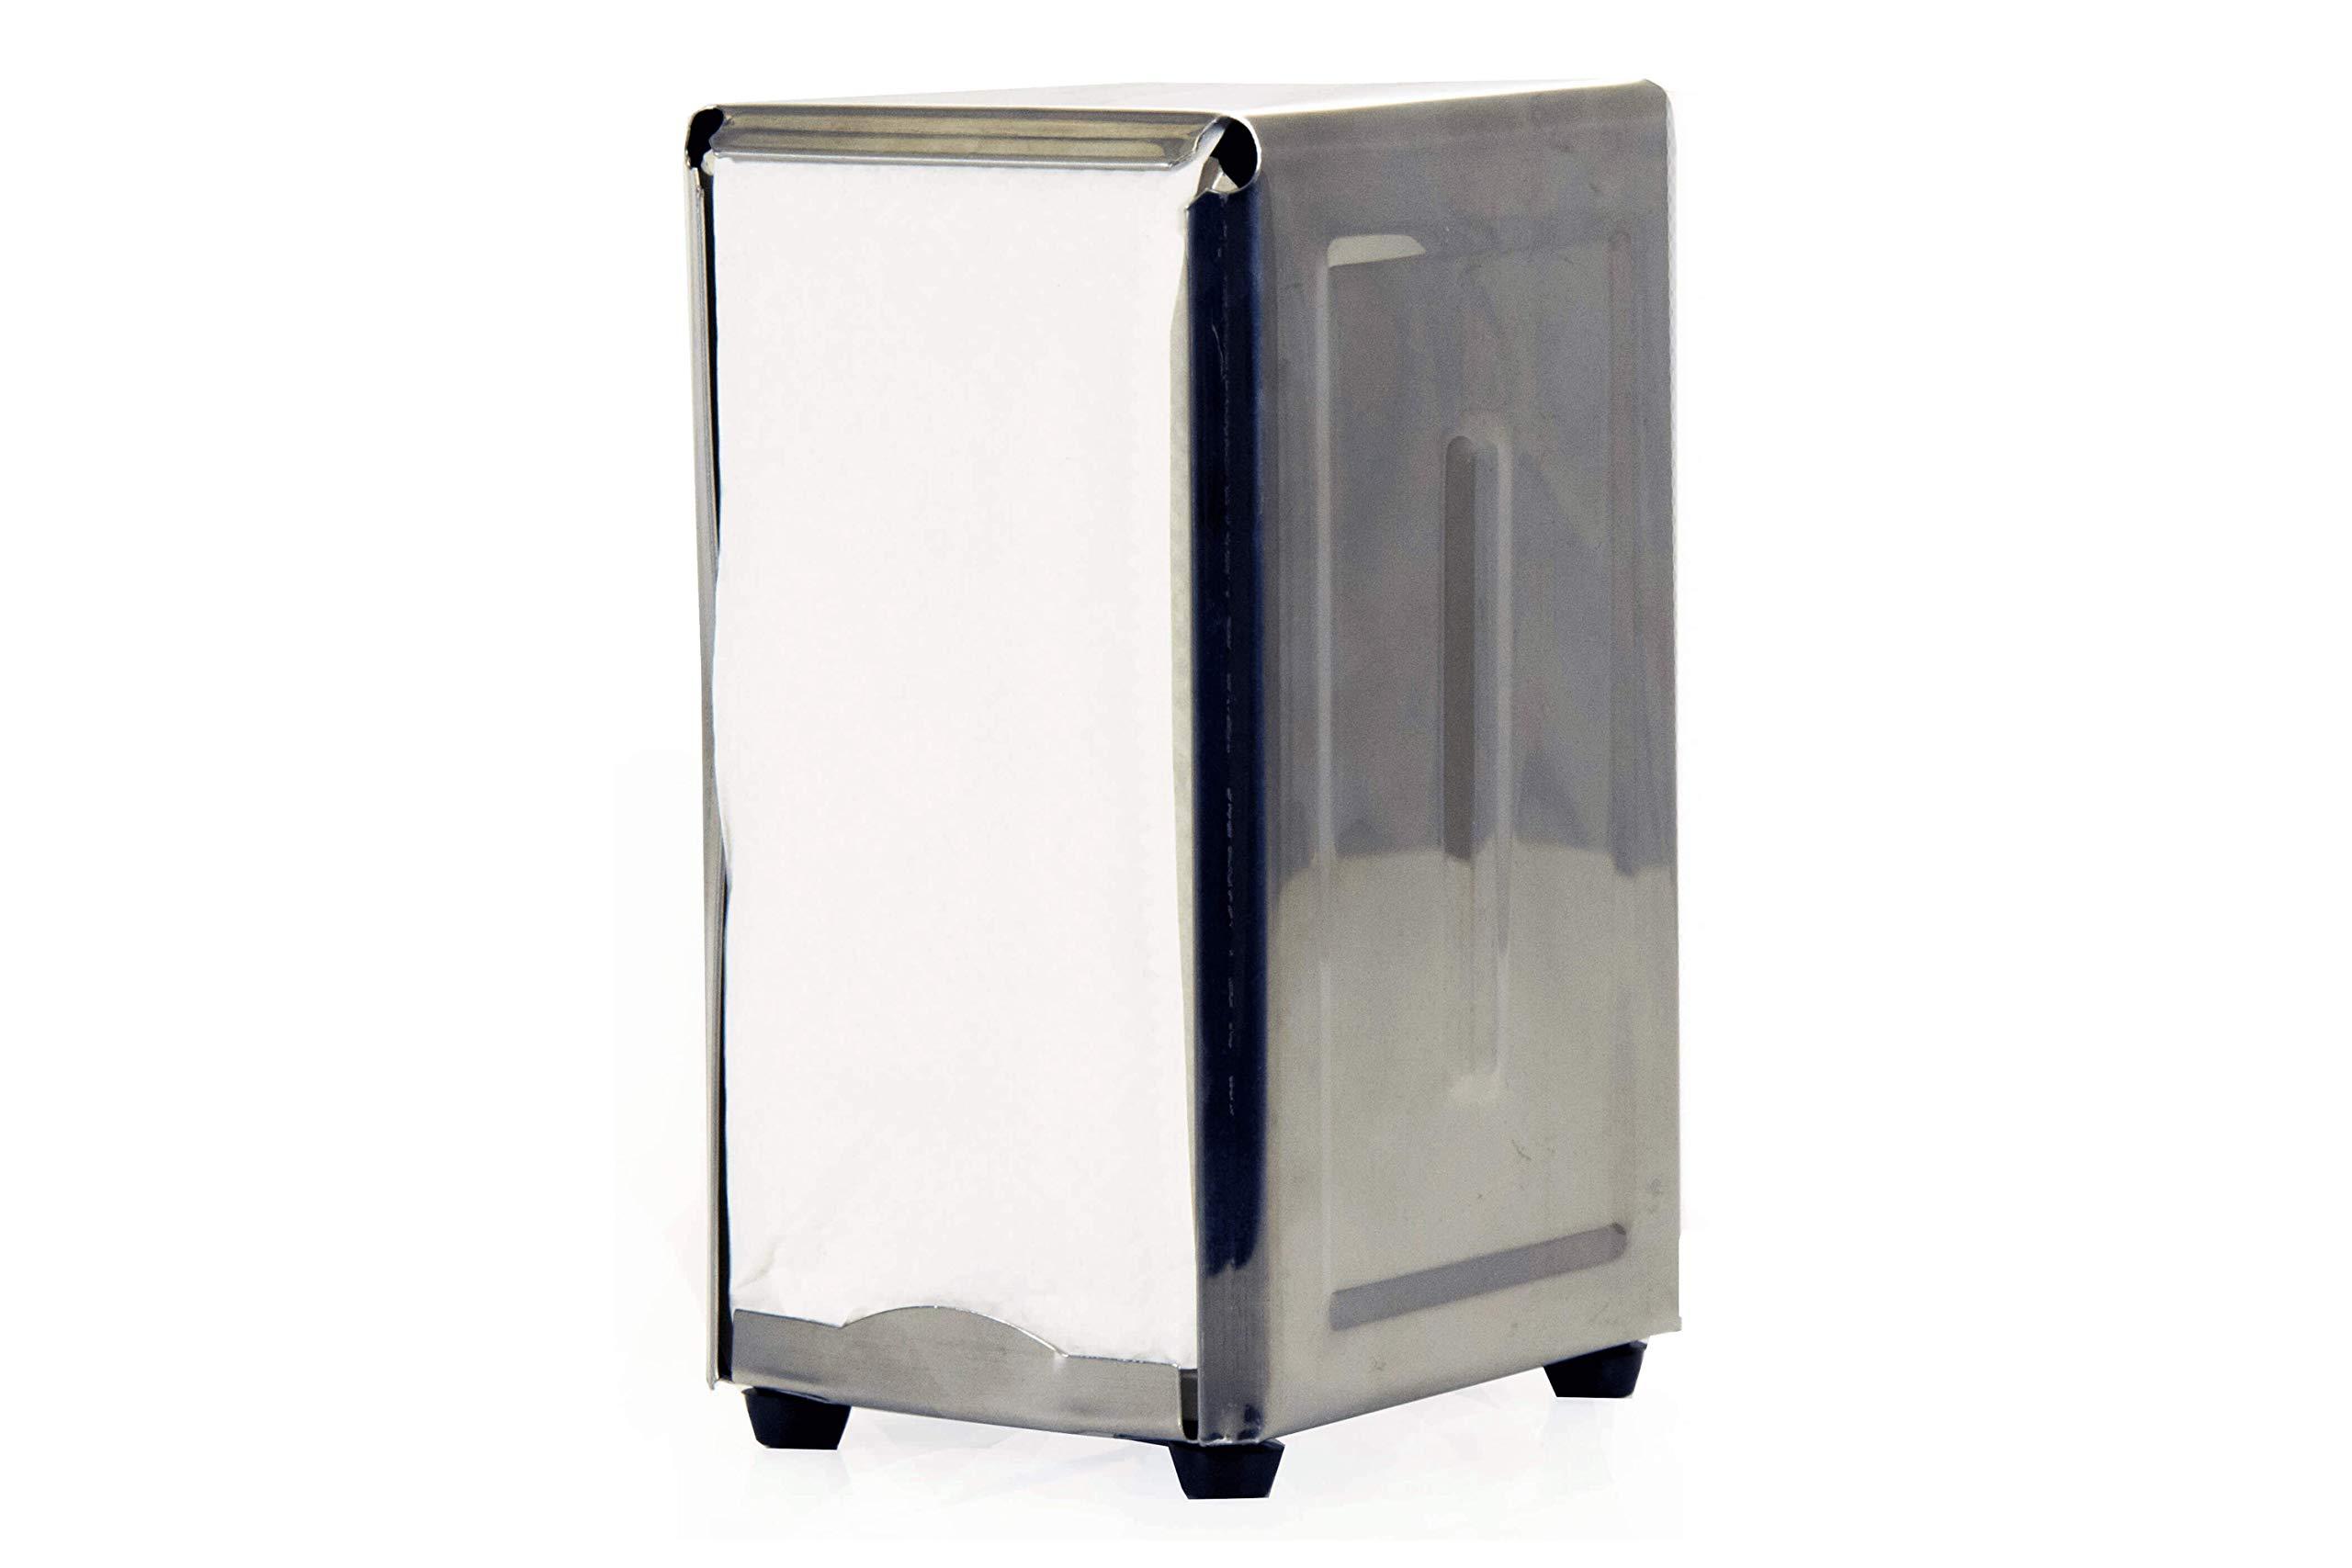 BonBon Stainless Steel Tall Fold Napkin Dispenser Retro 50s Napkin Vintage Holder Dispenser 1950s Restaurant Diner Chrome